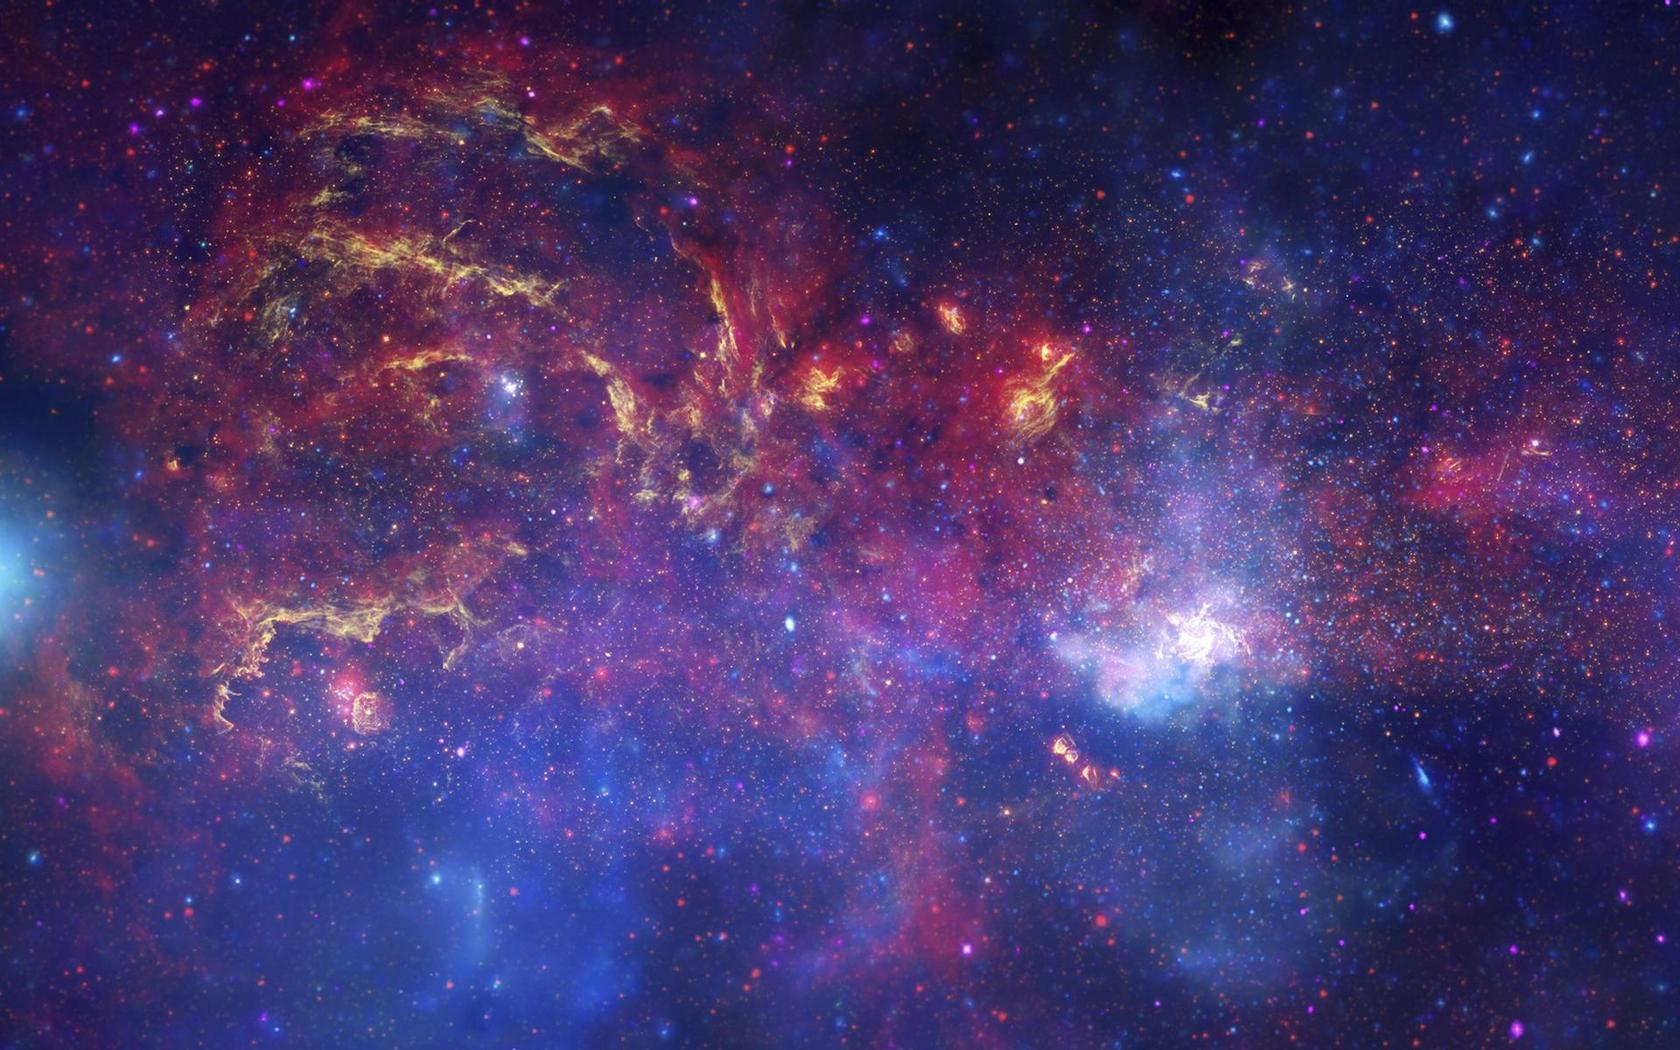 تصویری از ناحیه گازی شکلگیری ستارهای Sagittarius در کهکشان راه شیری